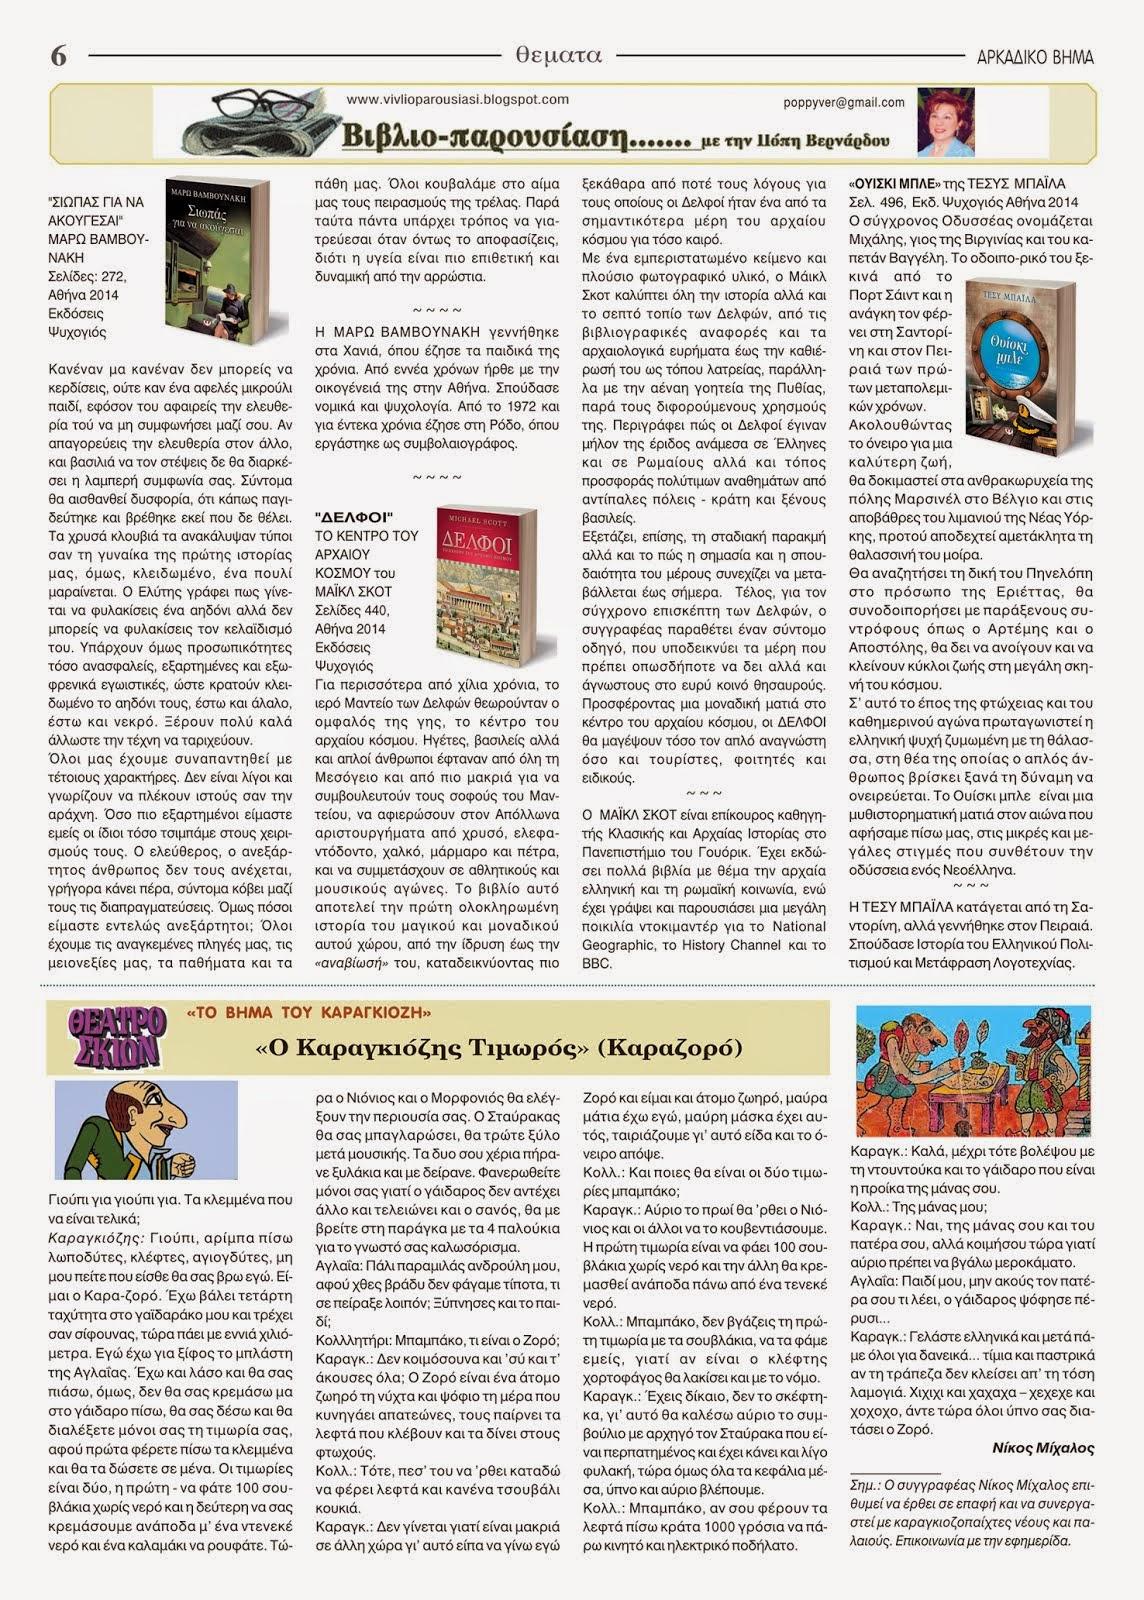 """Μια σελίδα με νέα βιβλία κάθε μήνα στην εφημ. """"Αρκαδικό Βήμα"""""""